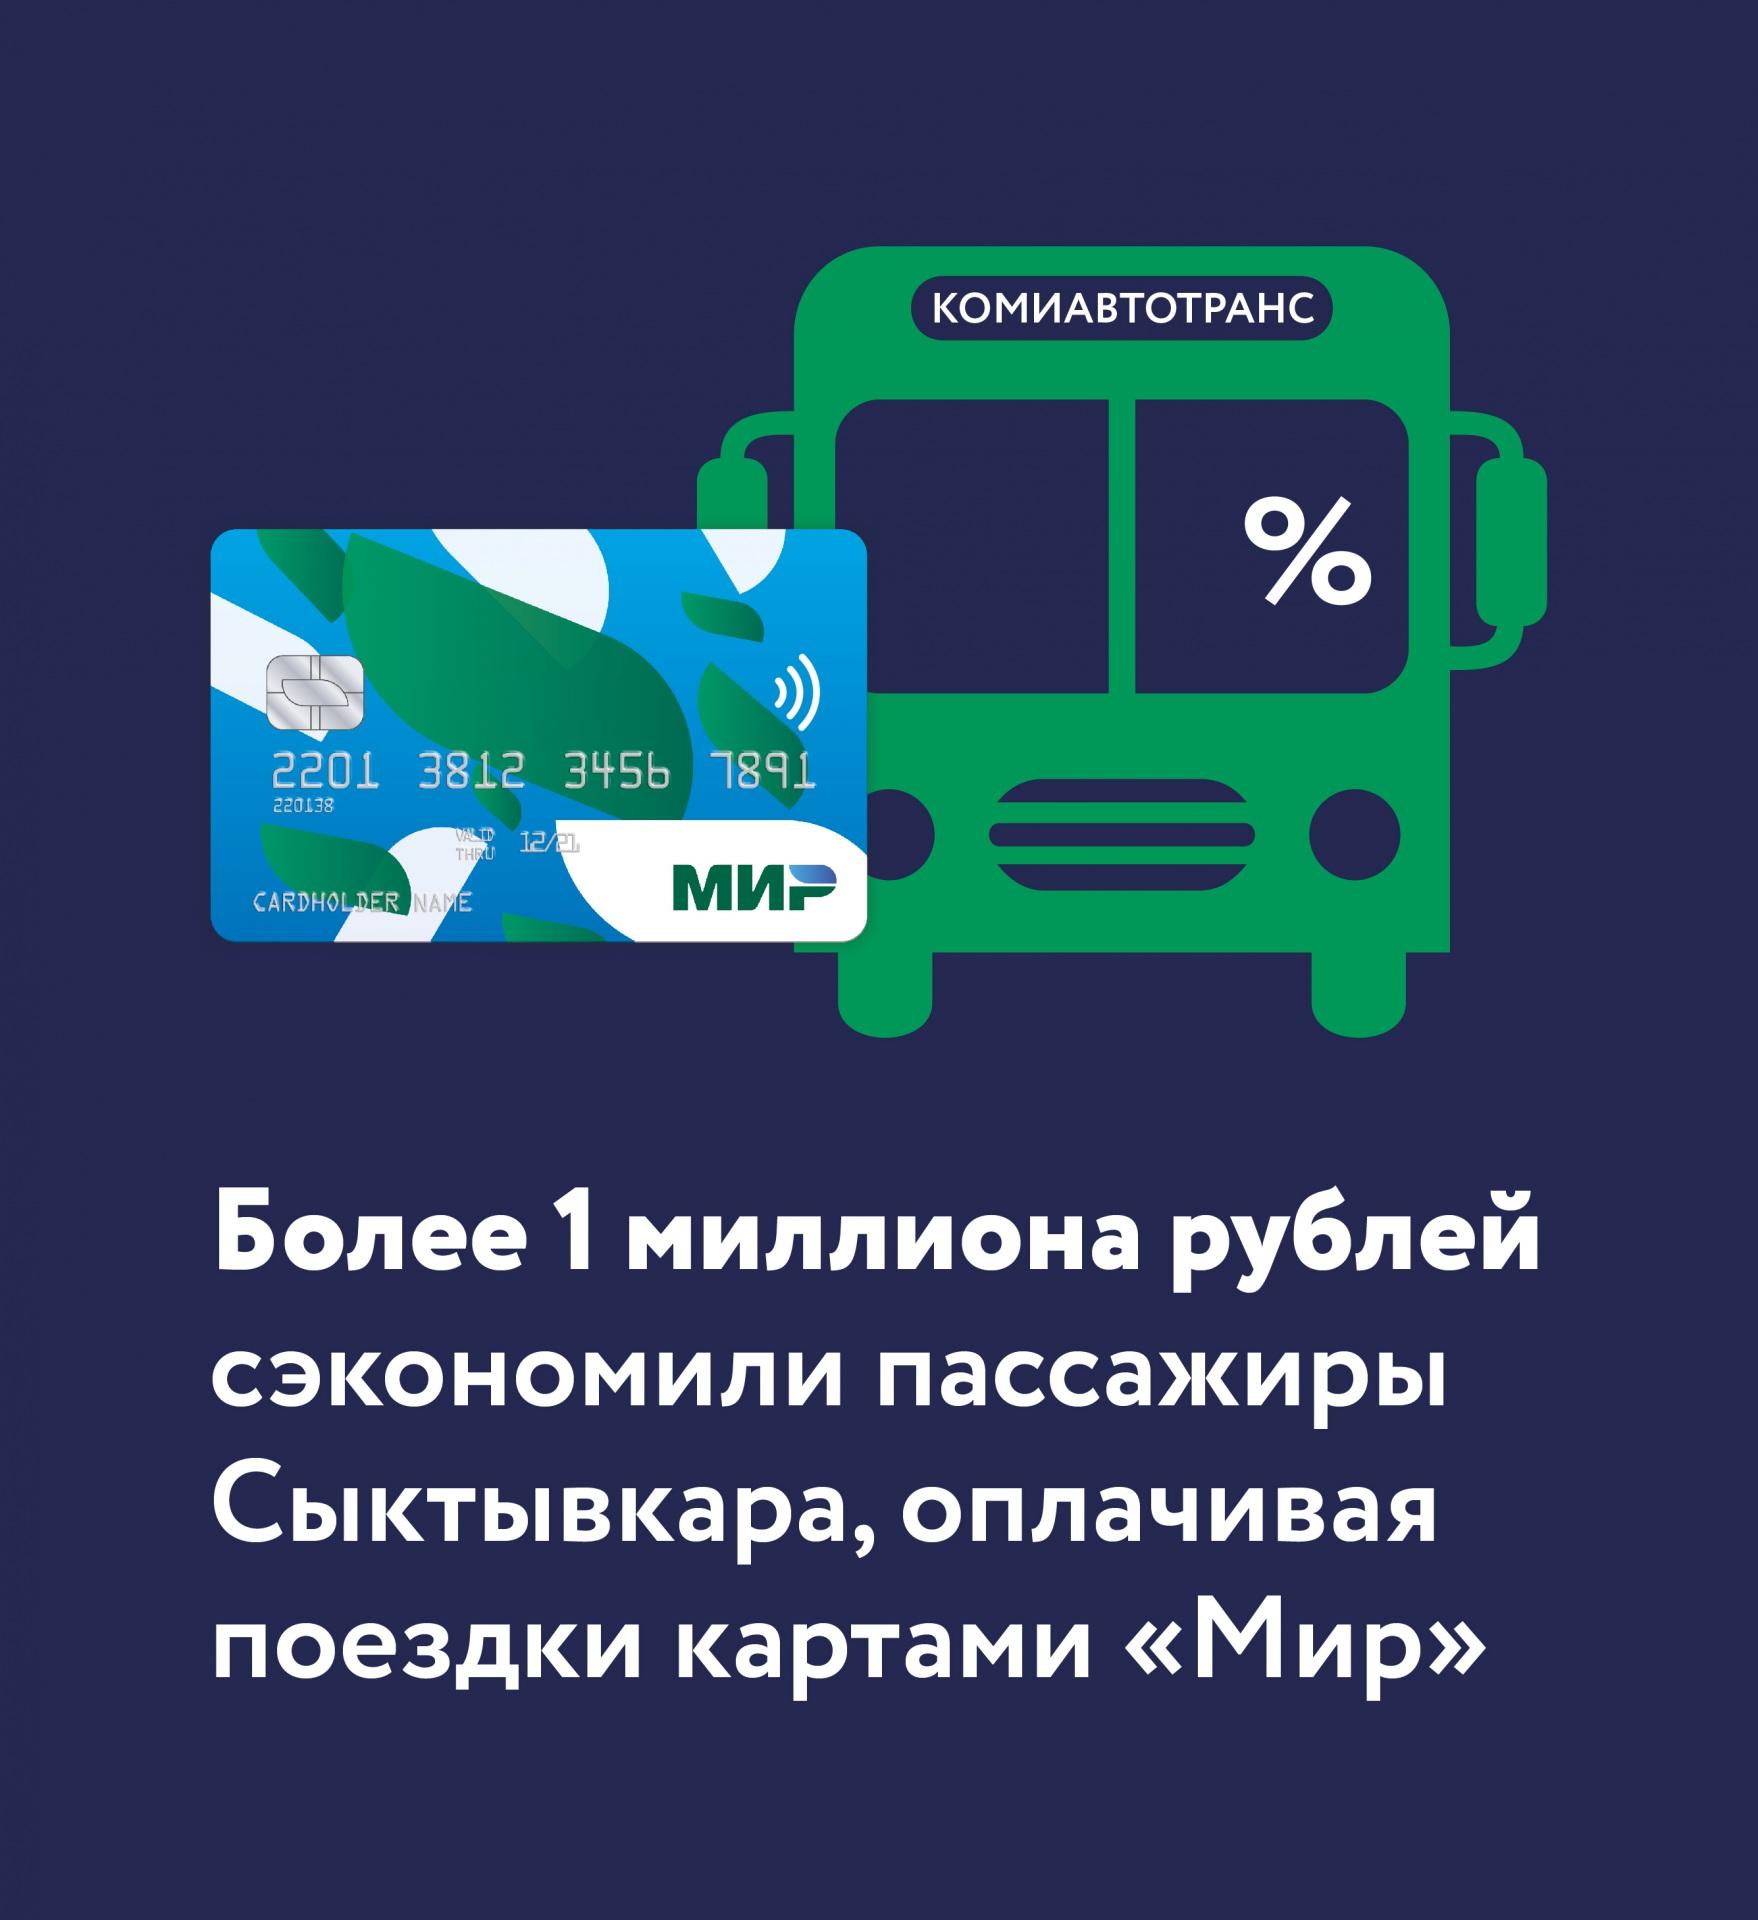 million-rublei-01.jpg